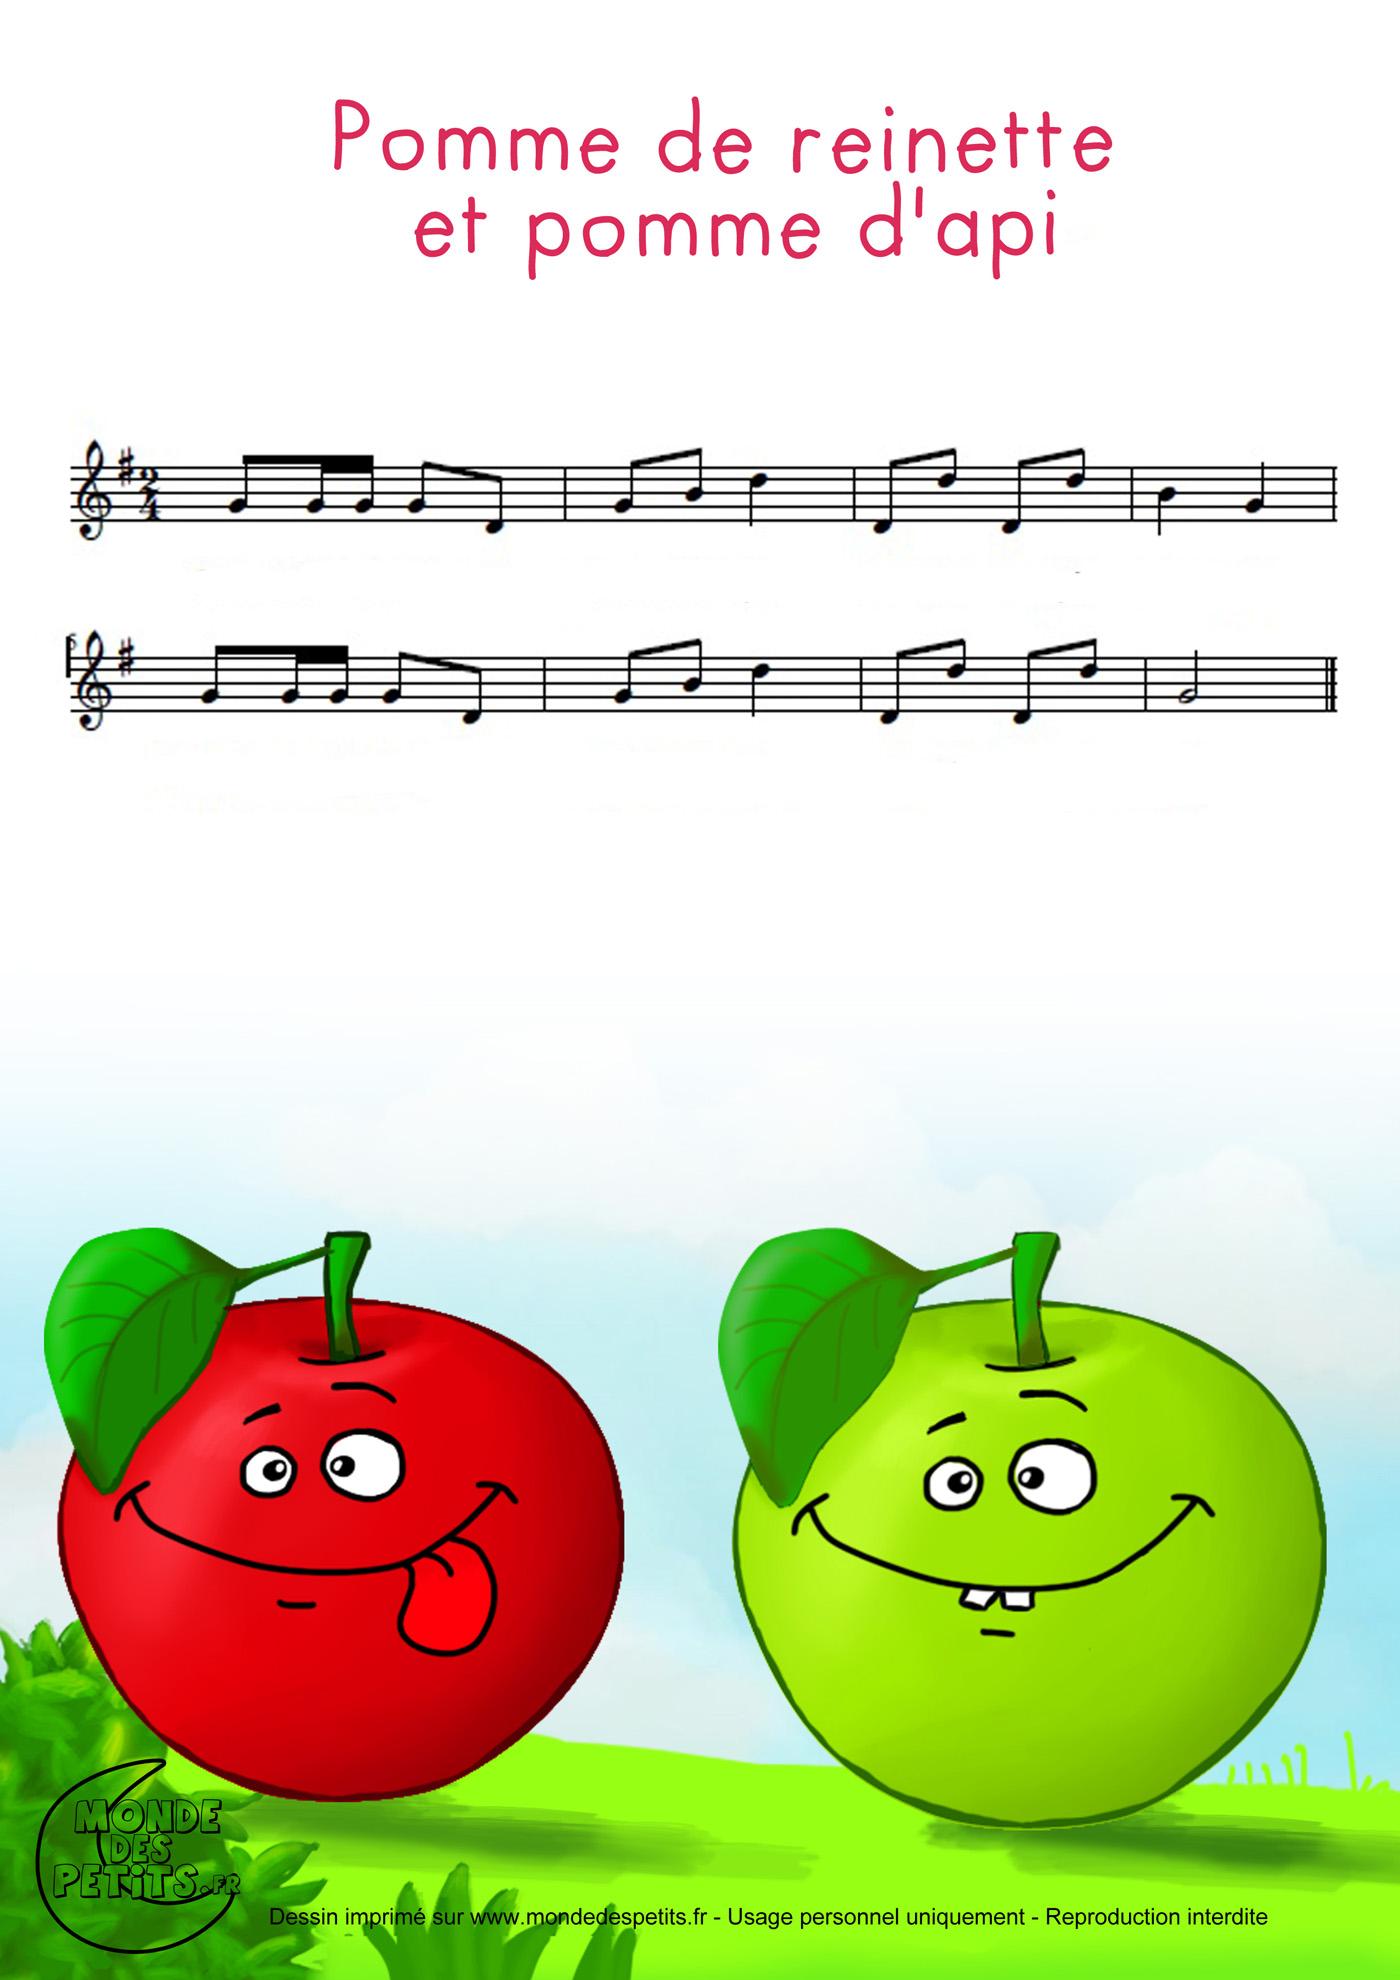 comptine, chanson, enfant, parole, pomme, reinette, api, partition